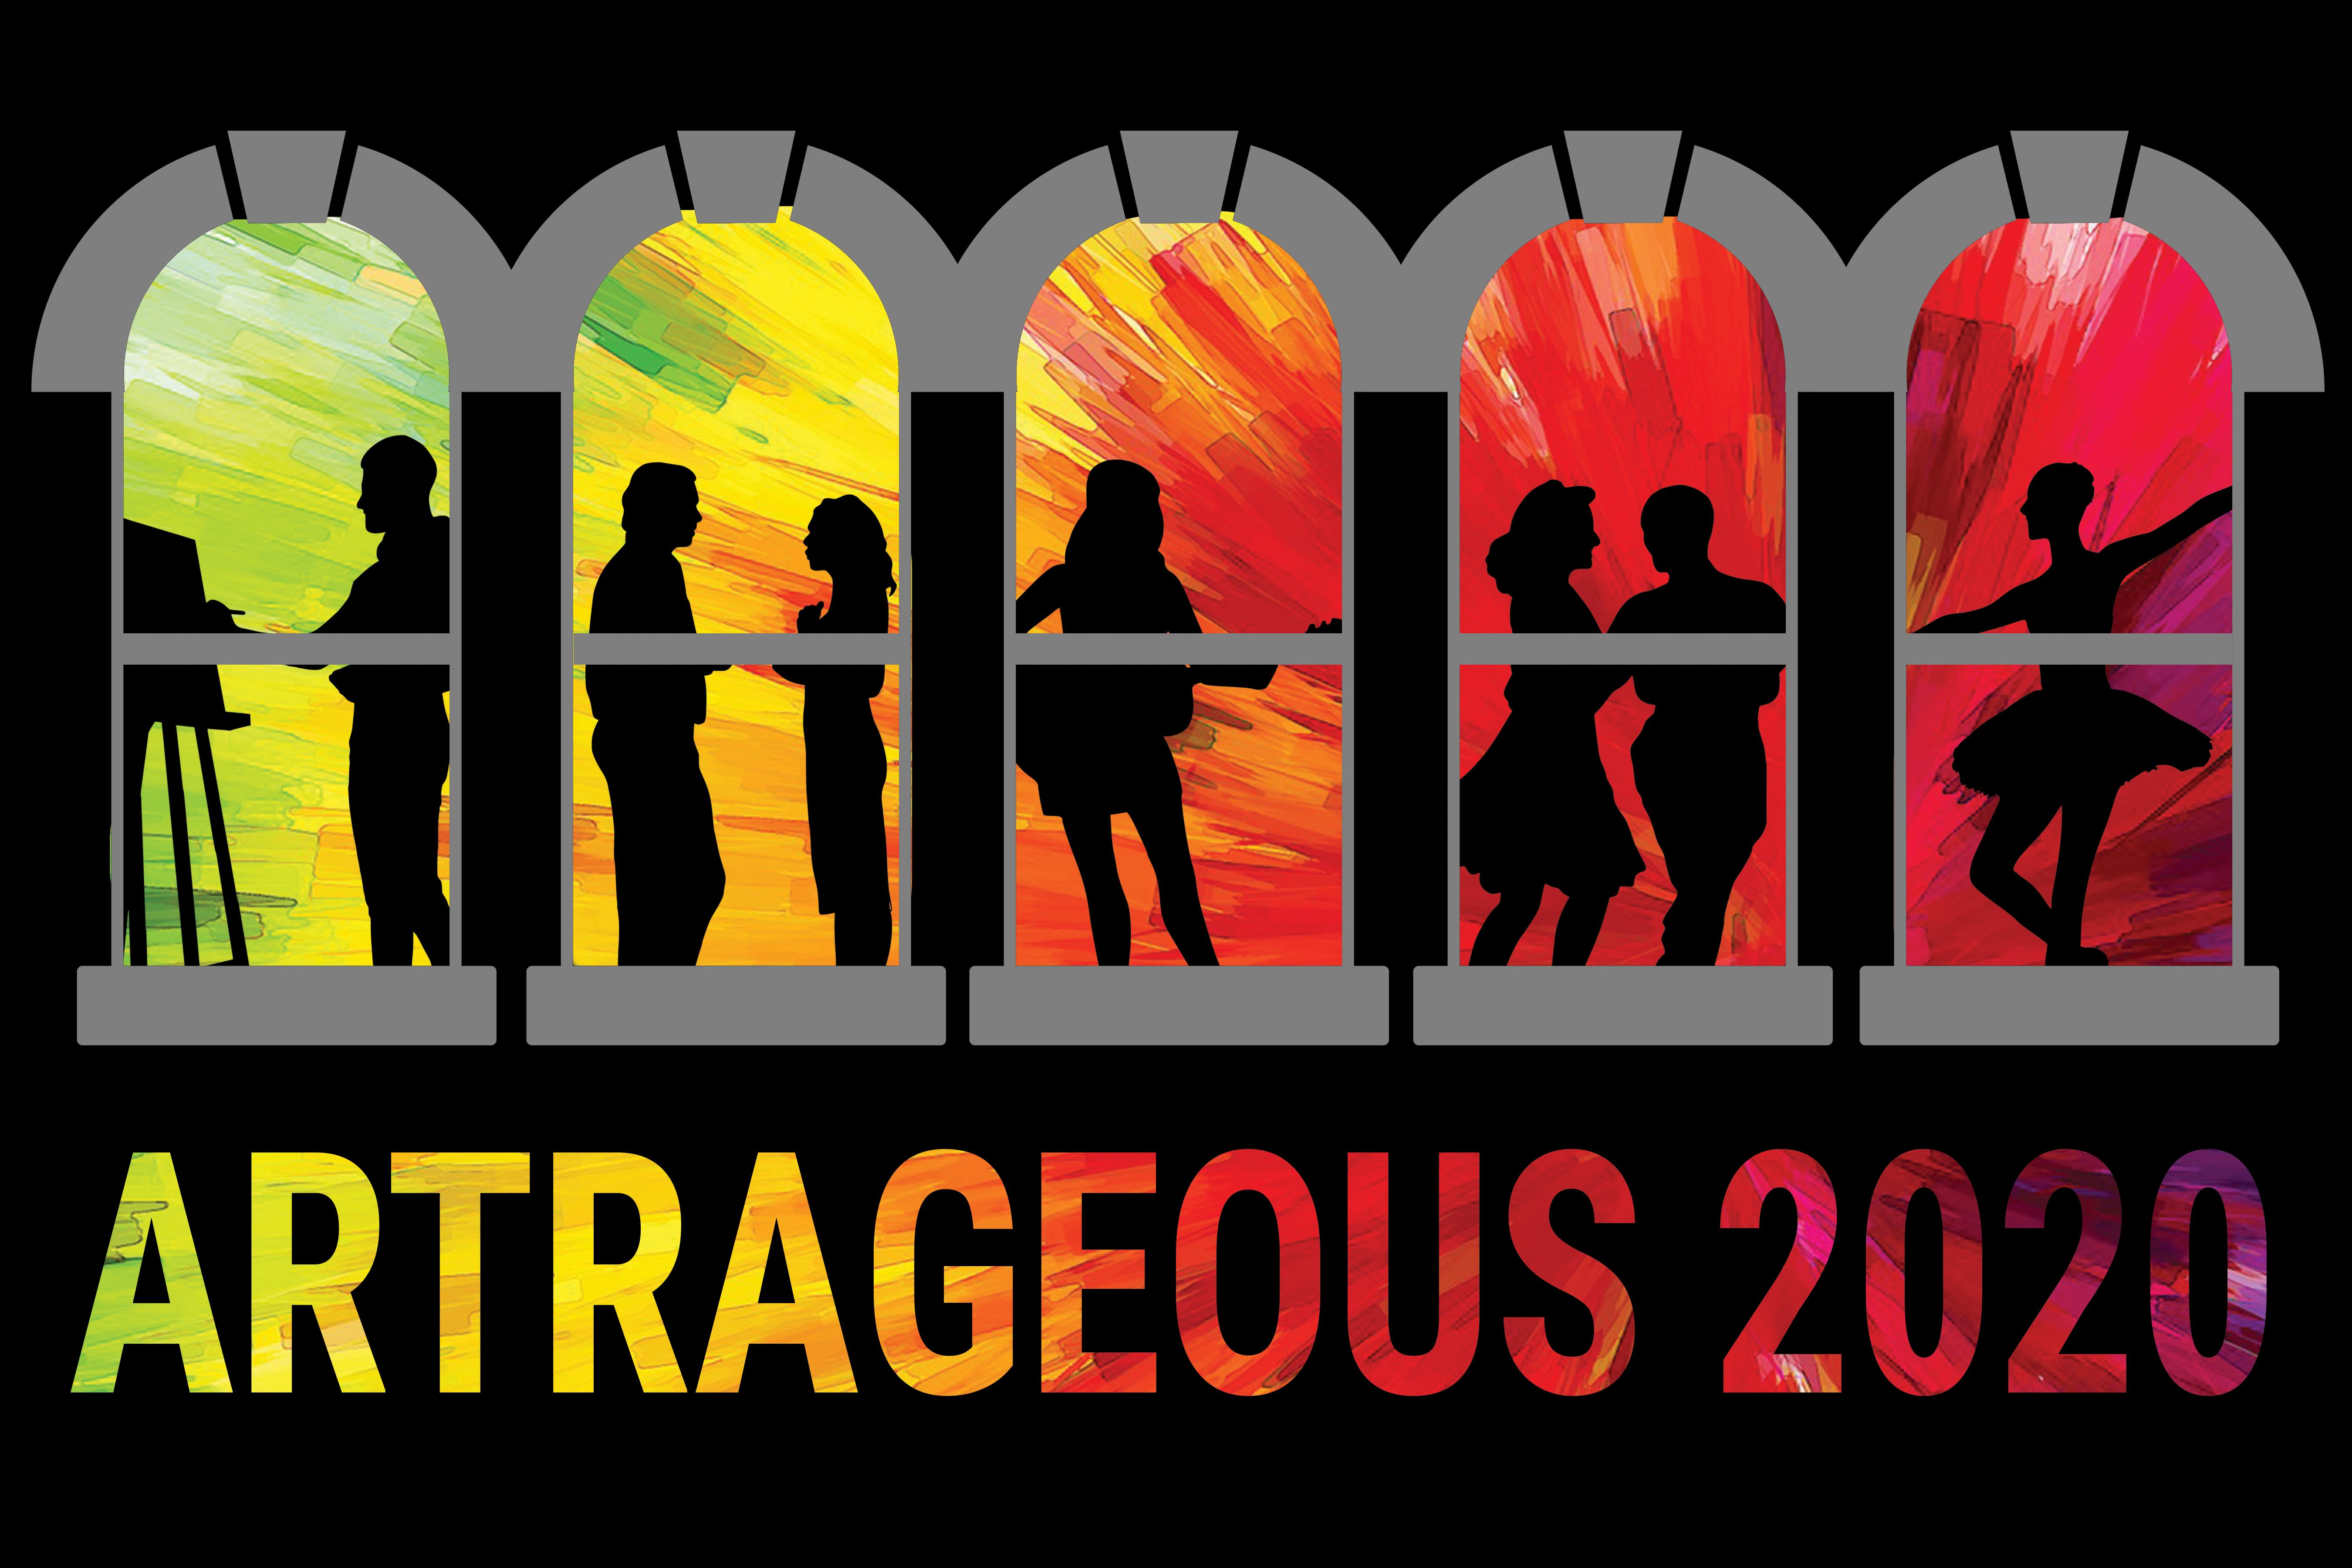 ARTrageous Gala & Fundraiser